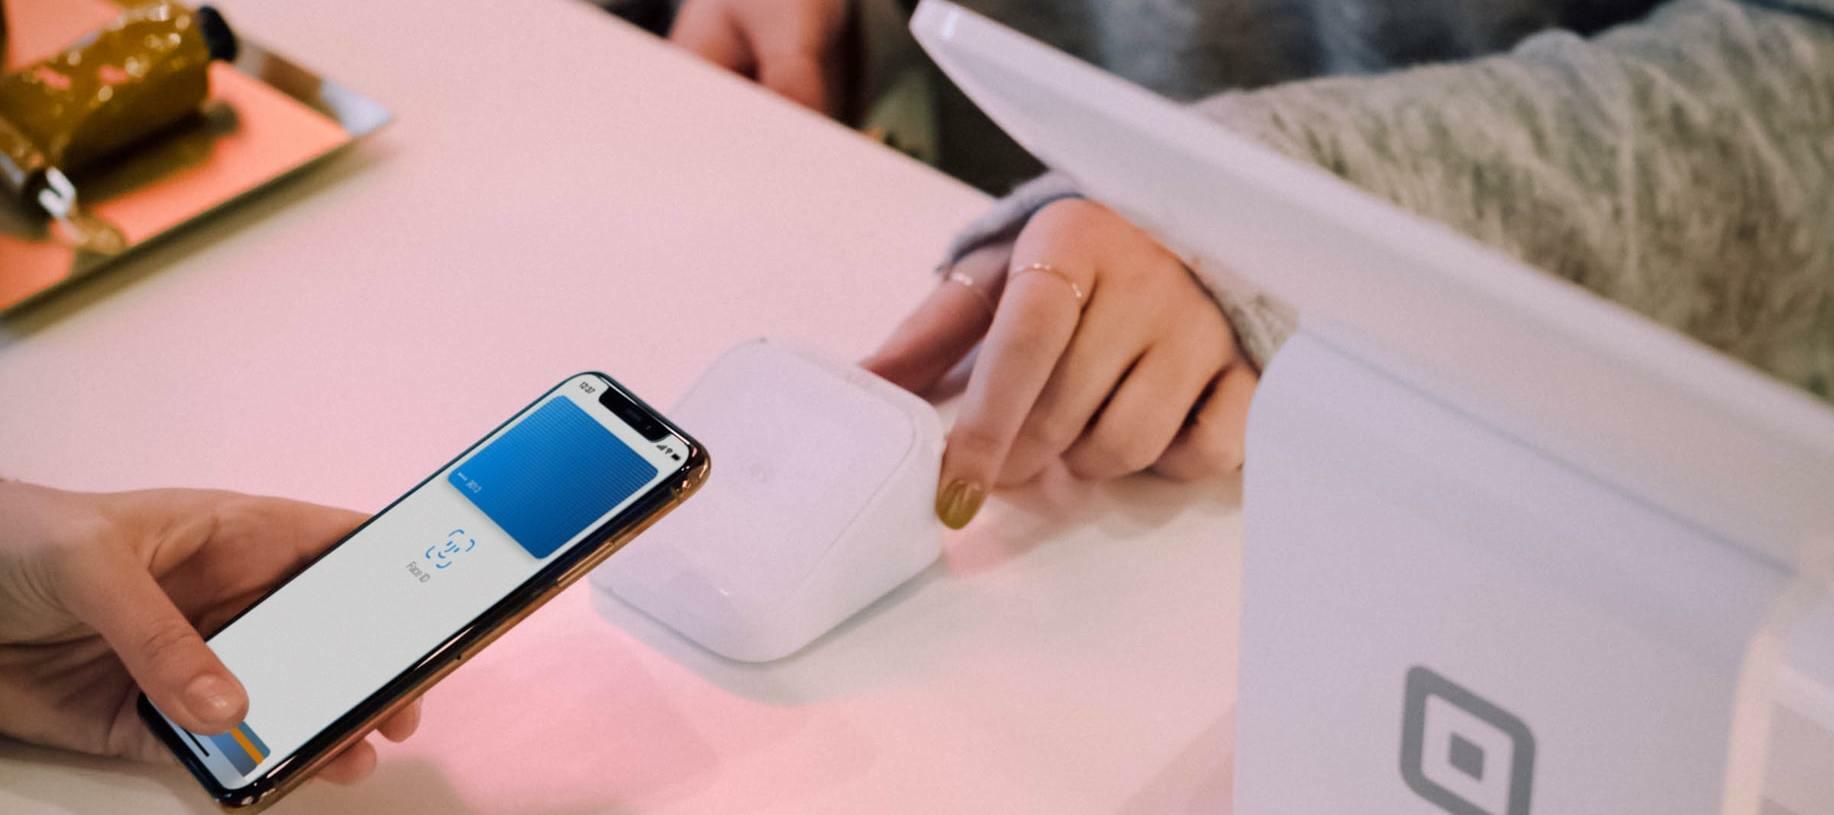 Apple Pay: Gebruik jij het al?